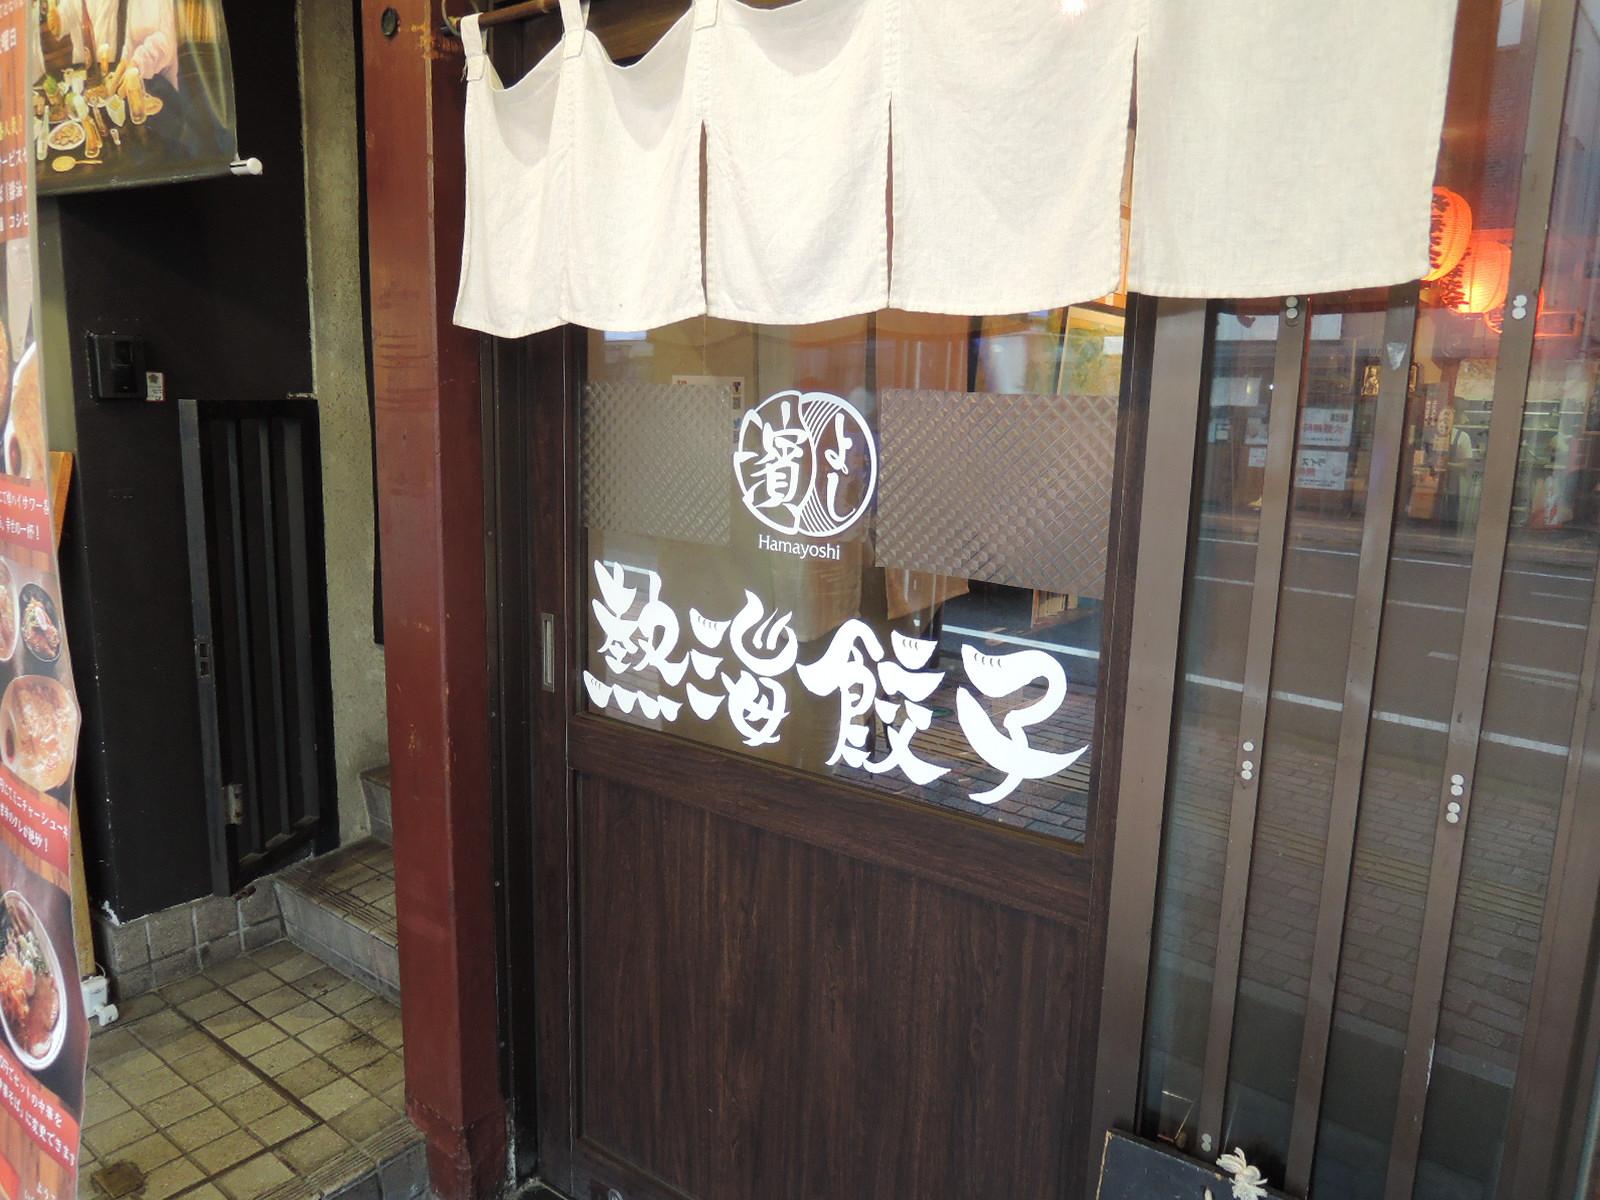 熱海にある創業1929年の老舗「熱海餃子 濱よし」さんに行ってきました。